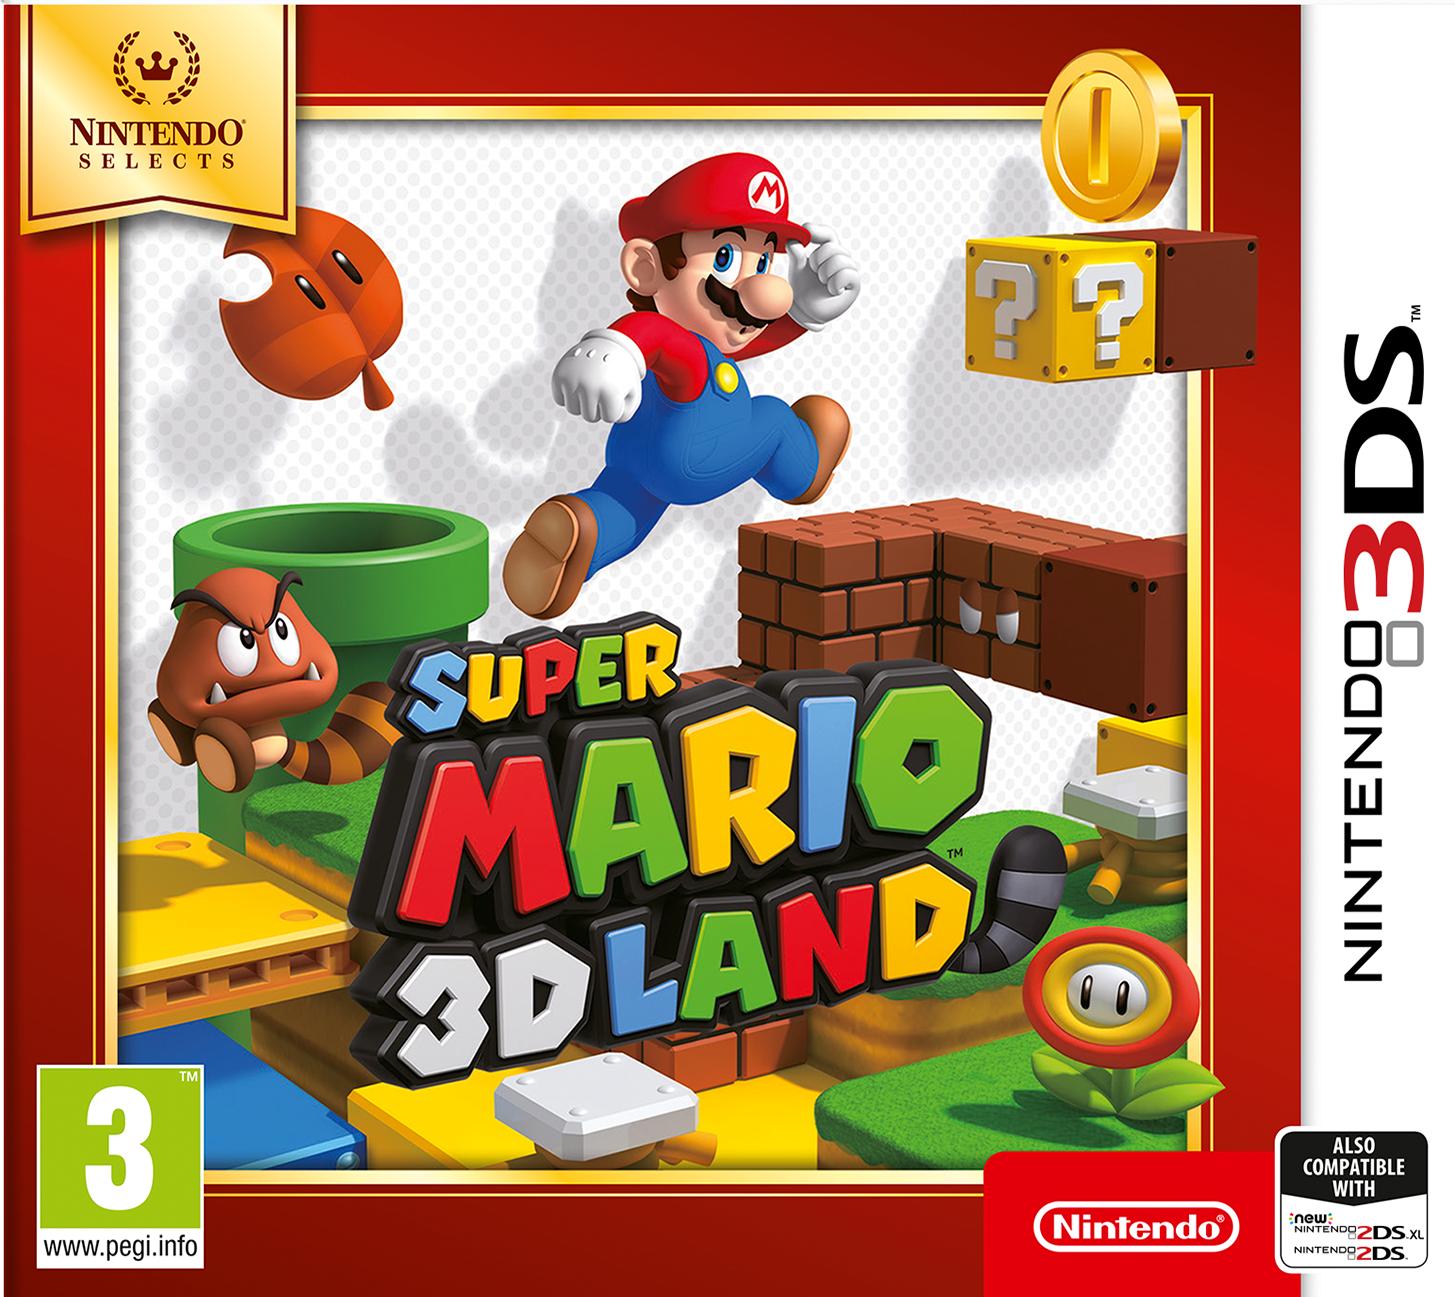 Nintendo Super Mario 3D Land - Nintendo Selects